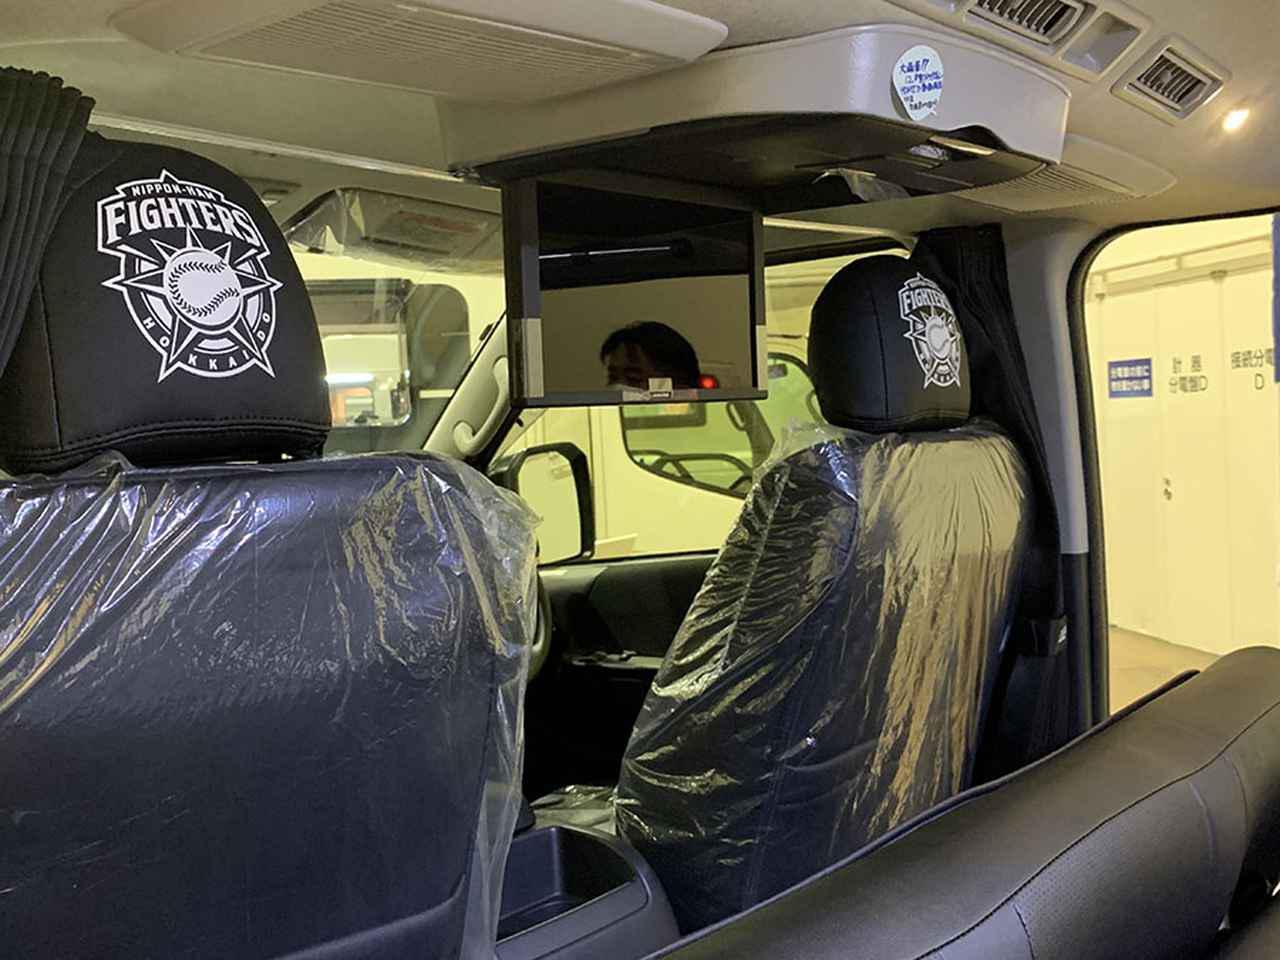 画像7: ファイターズファン必見! キャンプギアに車中泊モデルも!